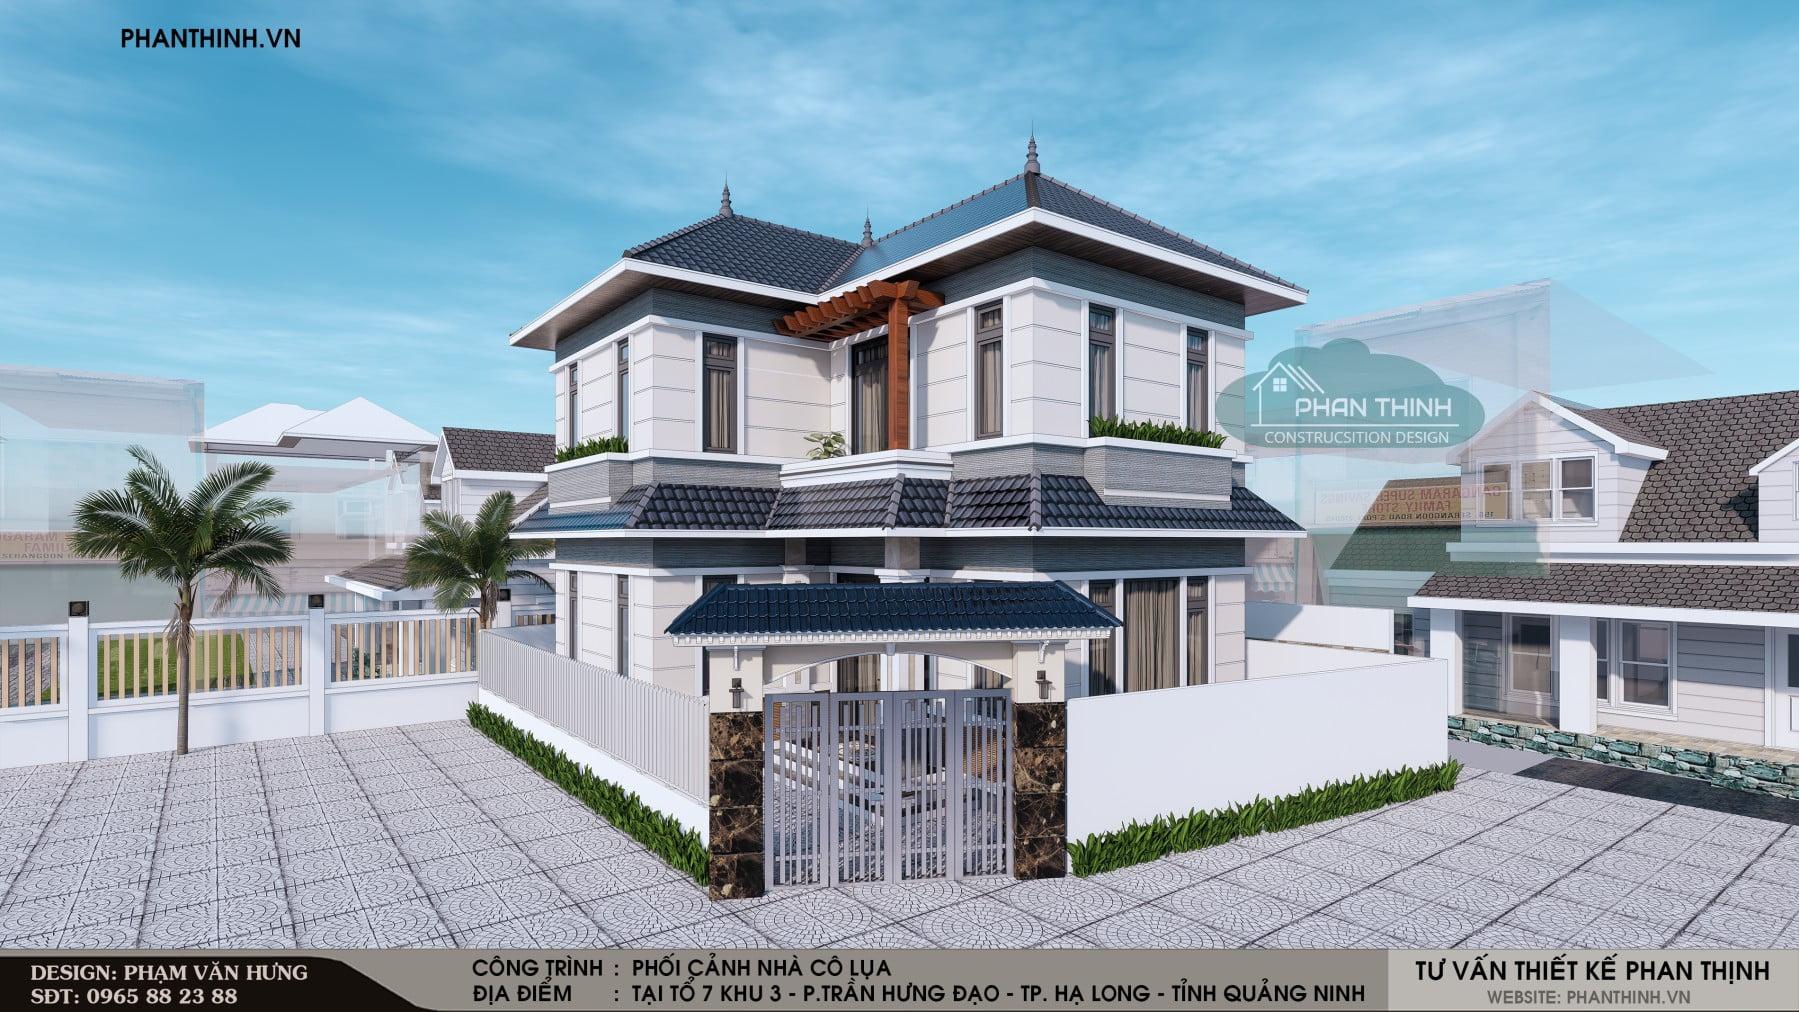 Phương án 01: Thiết kế xây dựng nhà mái thái 2 tầng tại Quảng Ninh